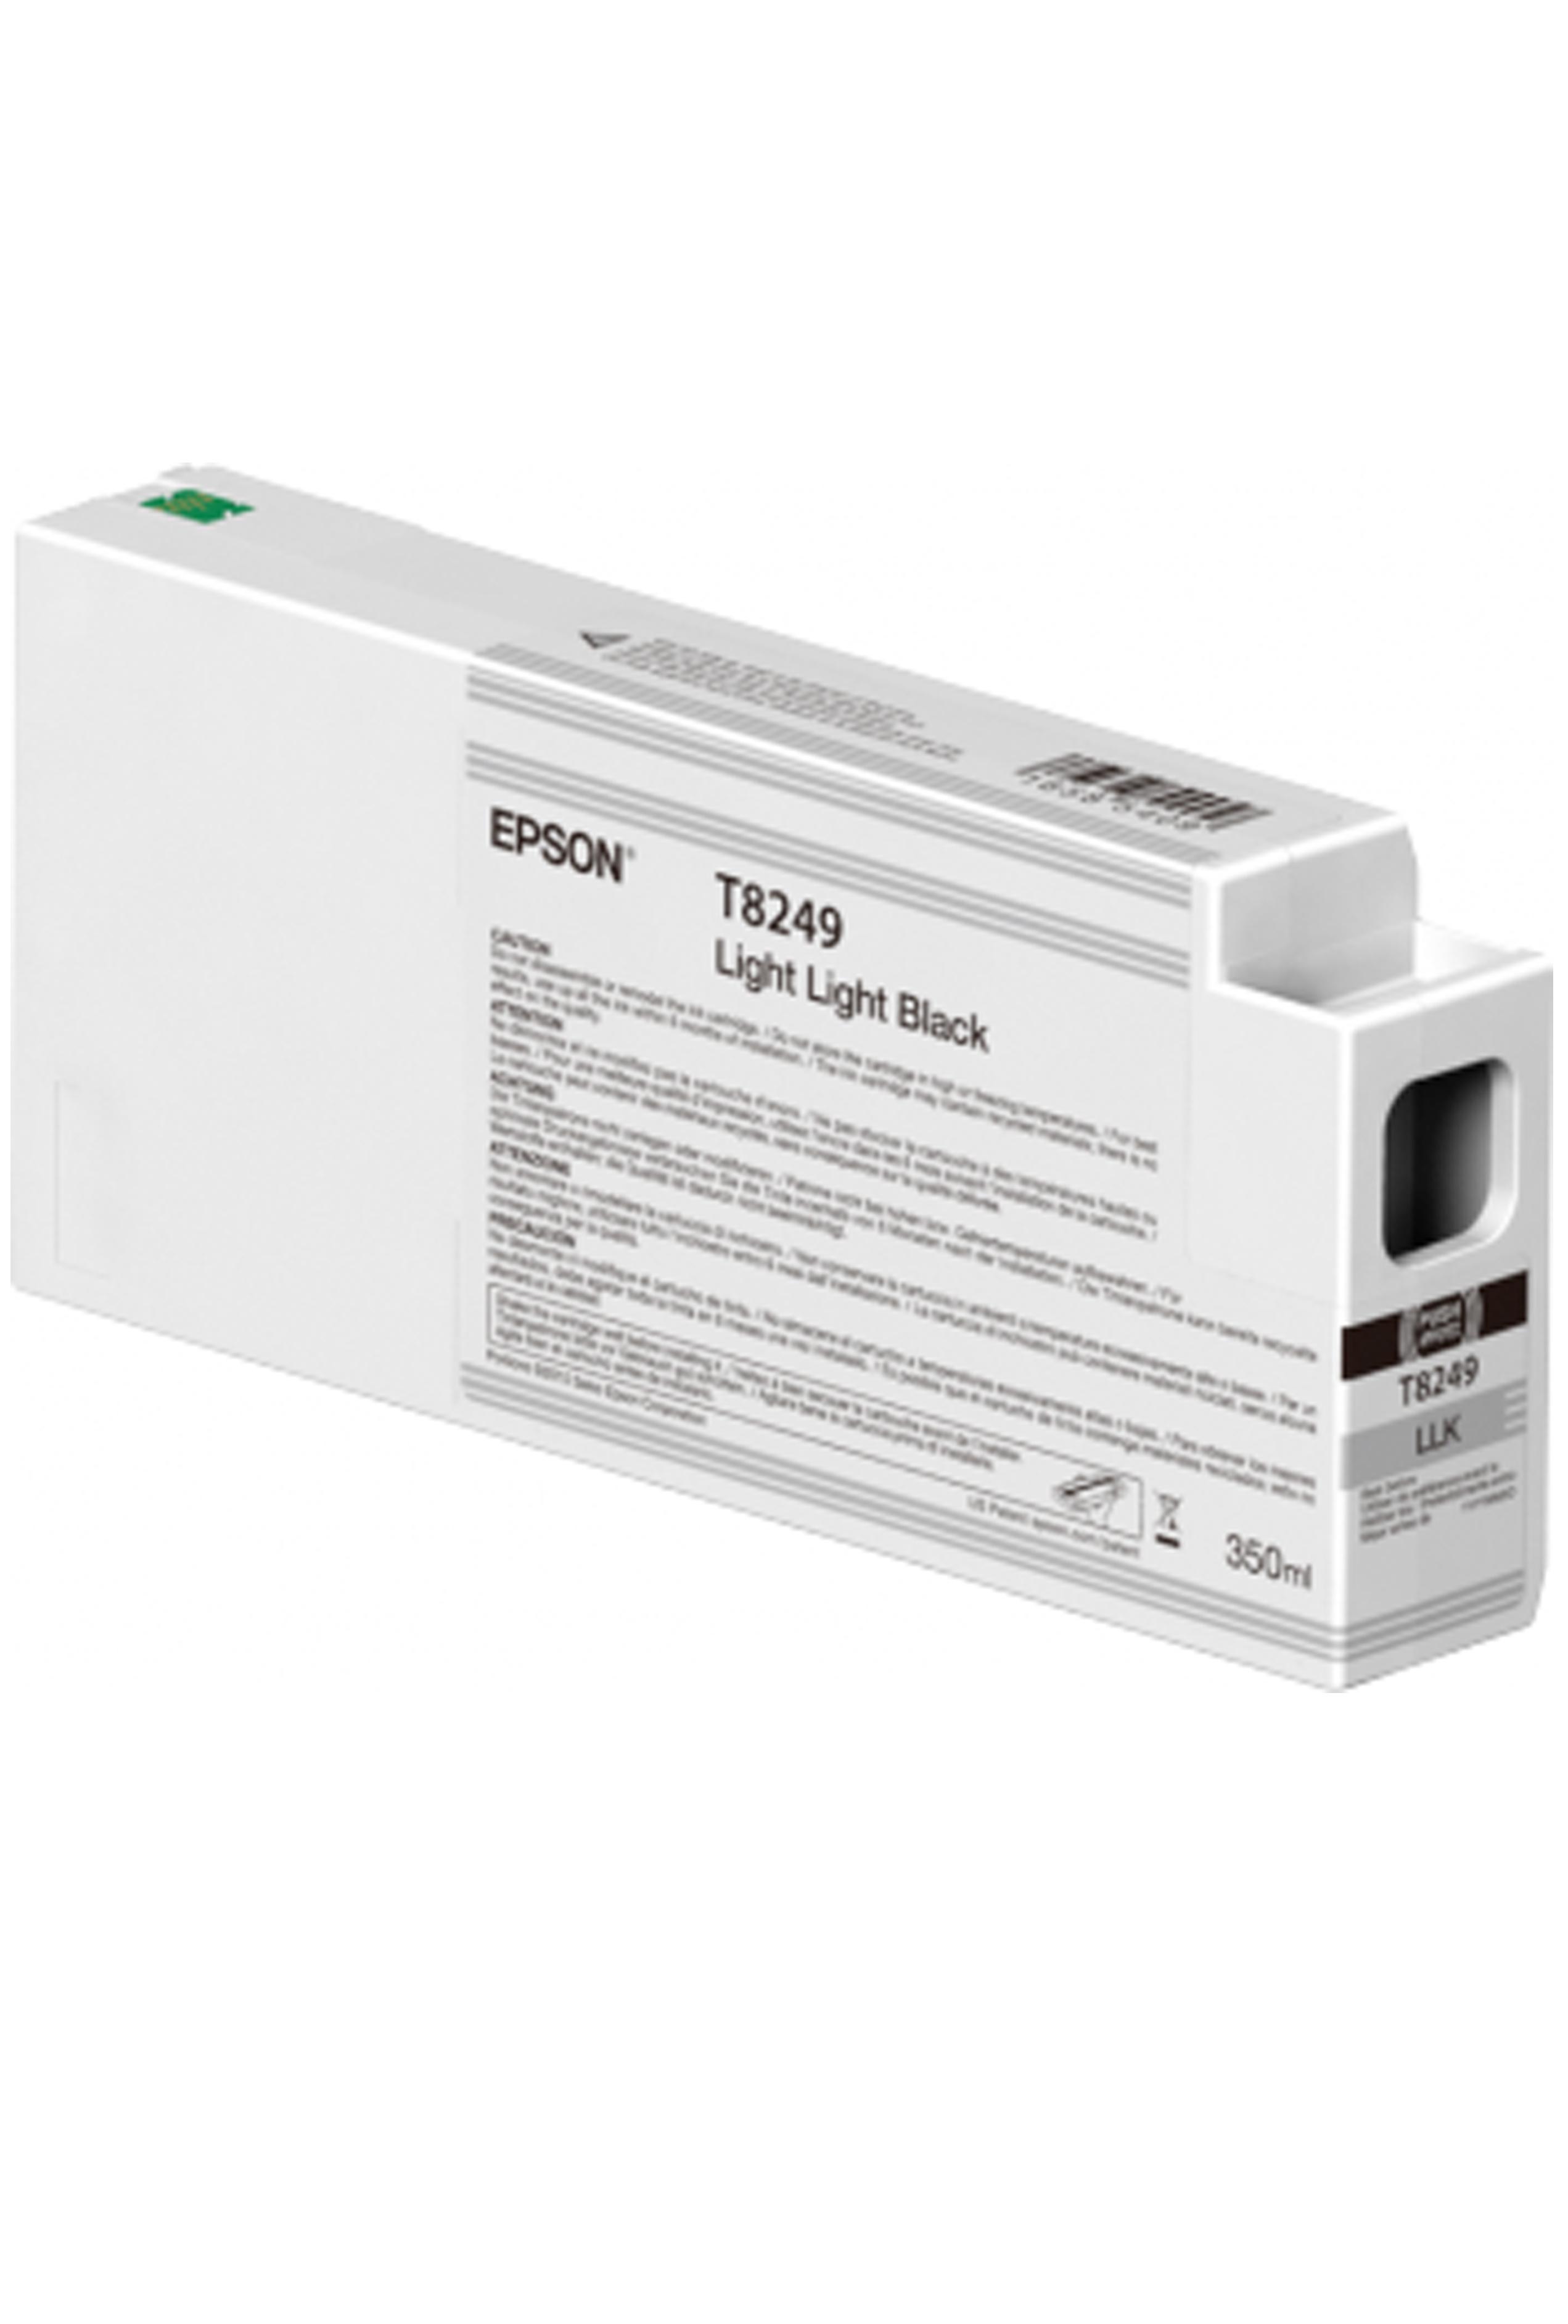 Epson EPSON HI LT LT BLACK INK (350 ML) (T824900)